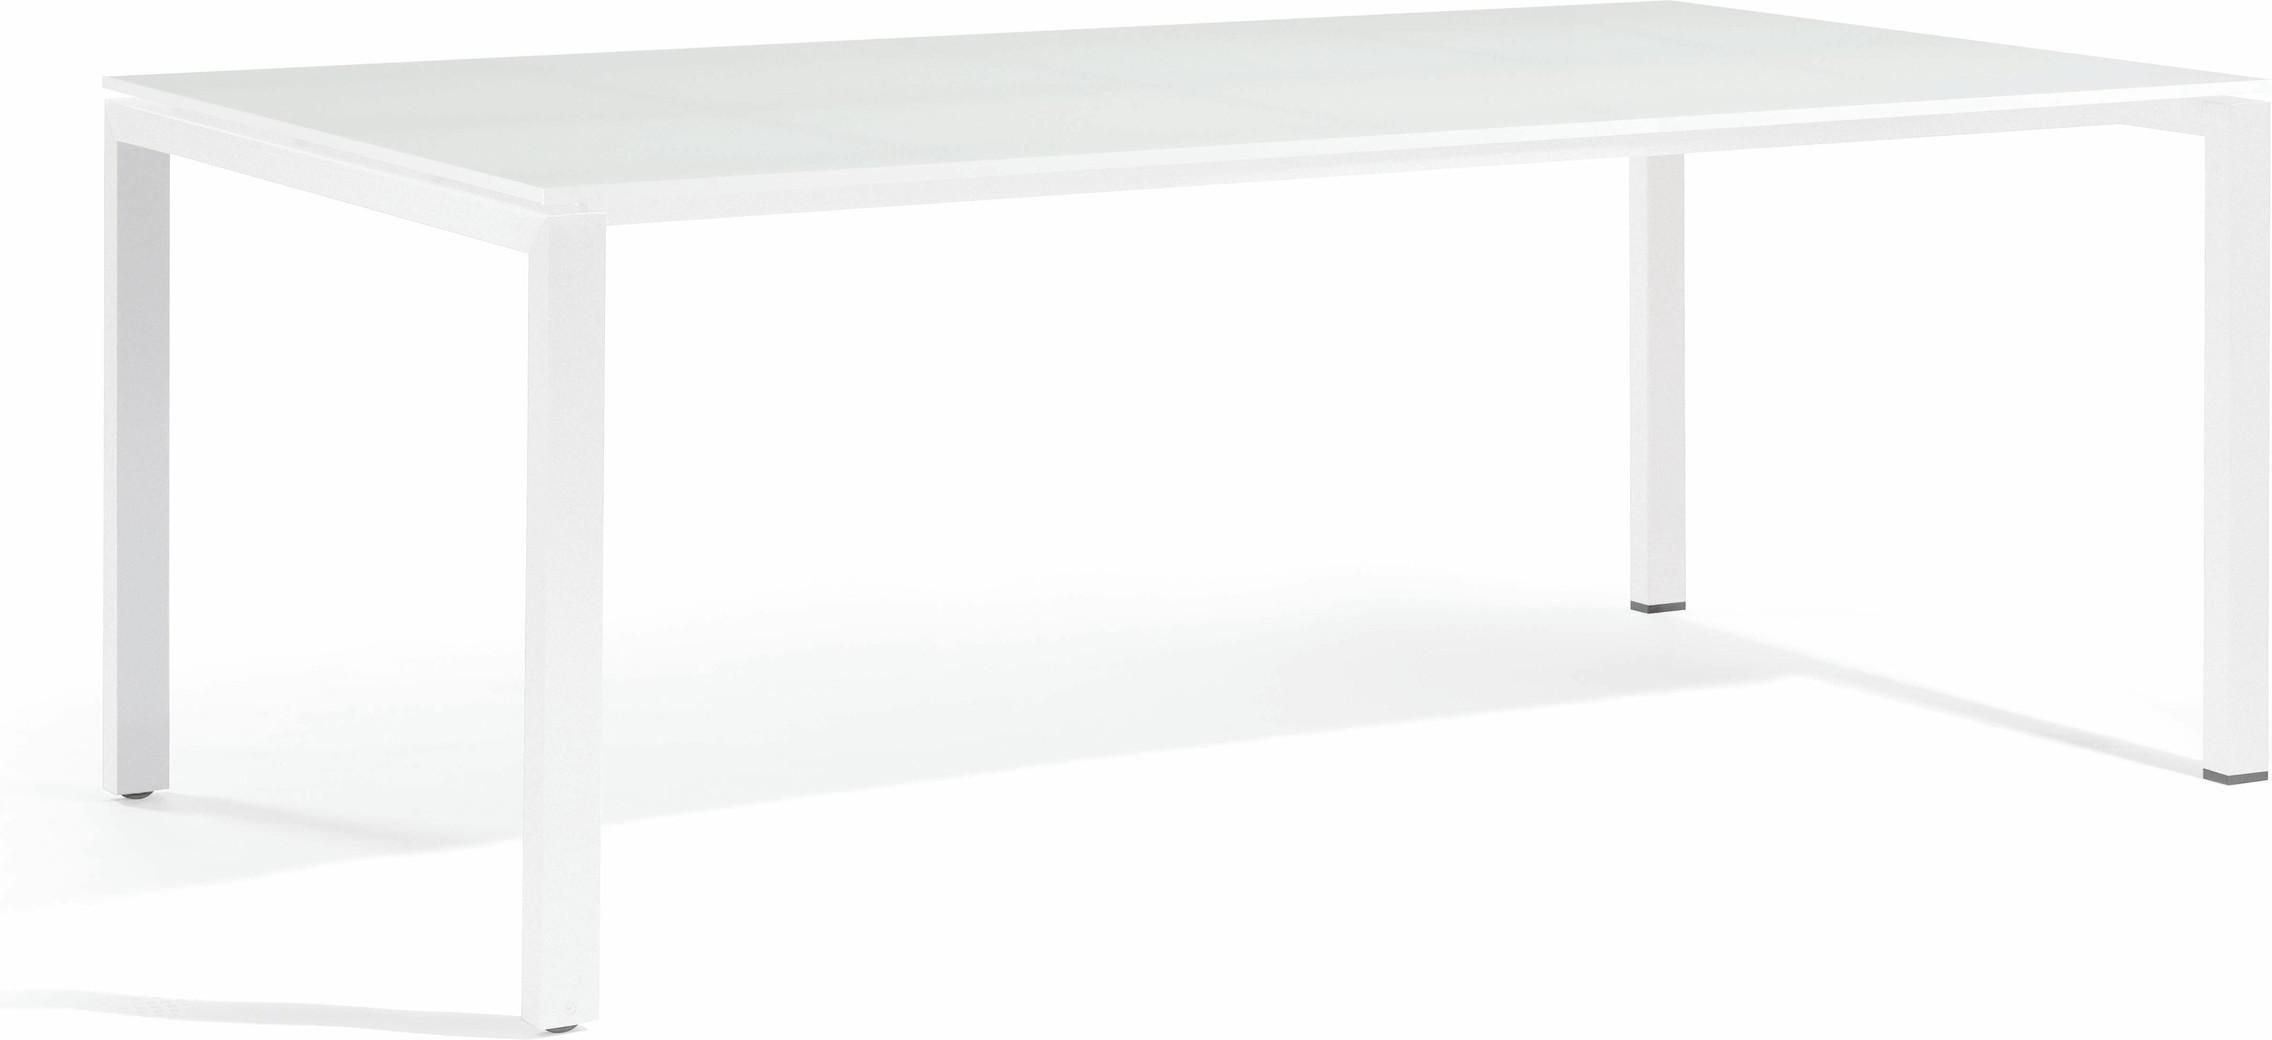 Trento Esstisch - Keramik weiß 6mm EW 270